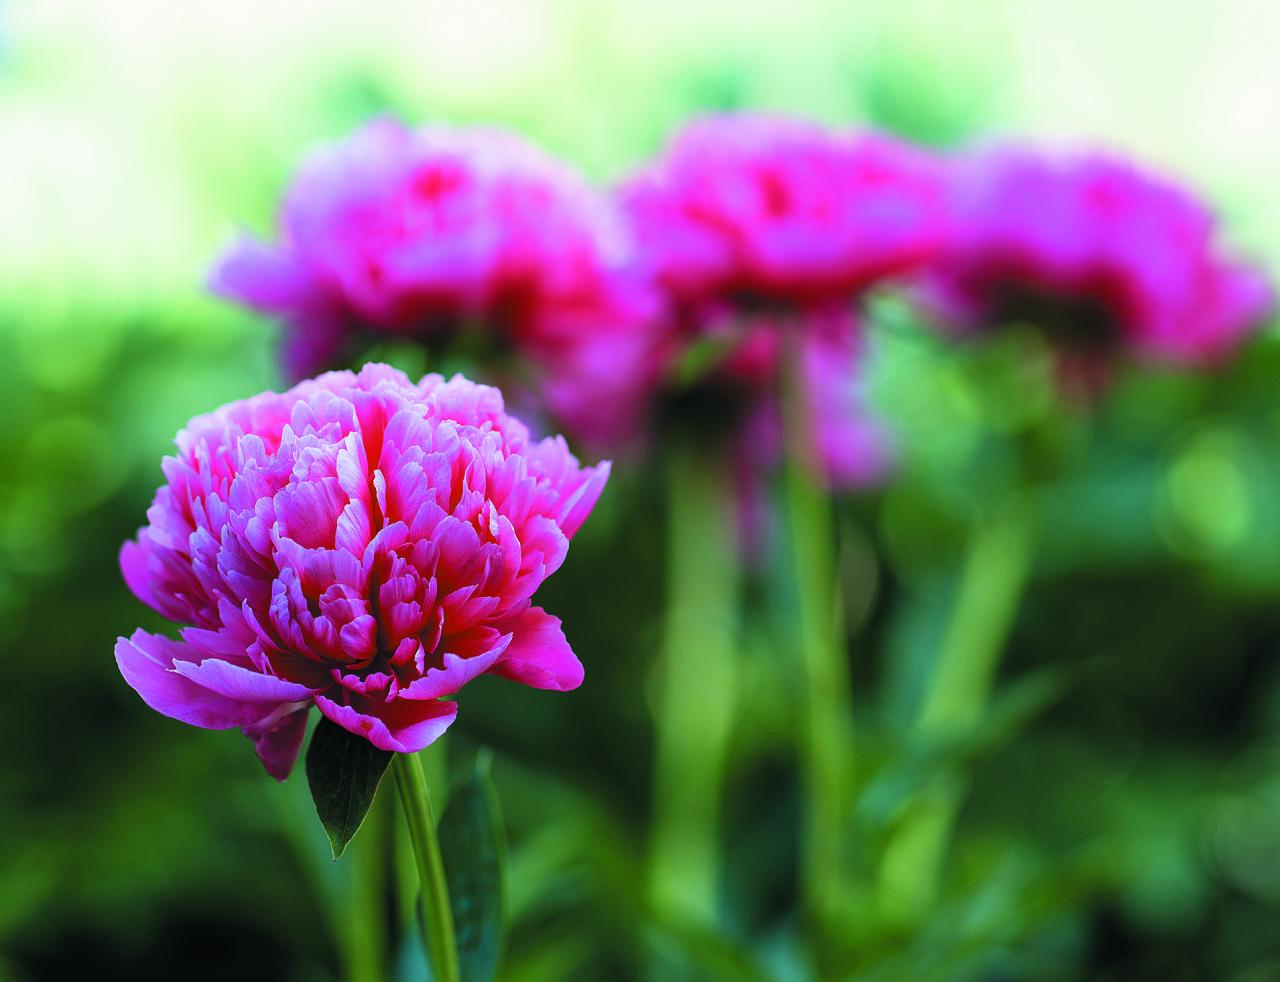 Lorelei. Bagātīgi pildīta un ilgstoši ziedoša šķirne. Zieds sākumā lašsārts, tad kļūst aprikožoranžs. Ziedneši gari, ļoti izturīgi.